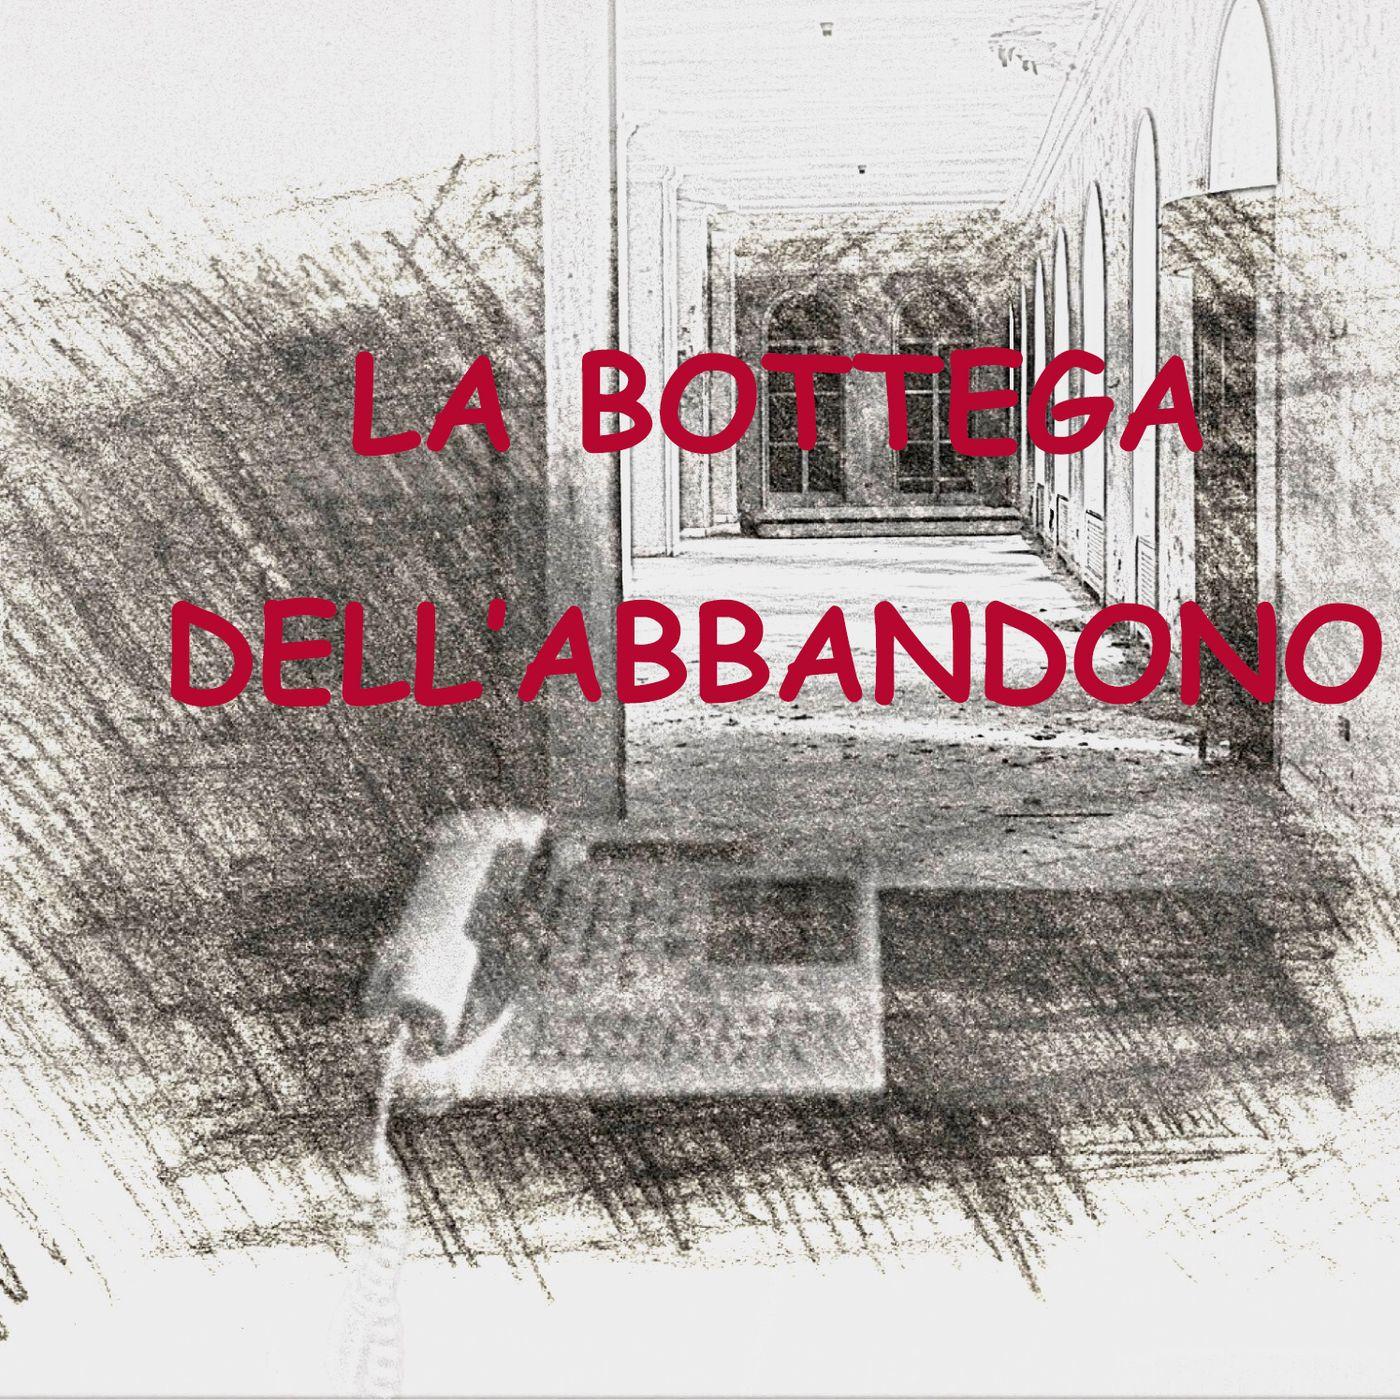 2910534f8edc1e052efb47a42fc2a516 10 migliori Podcast italiani da ascoltare per iniziare il 2020